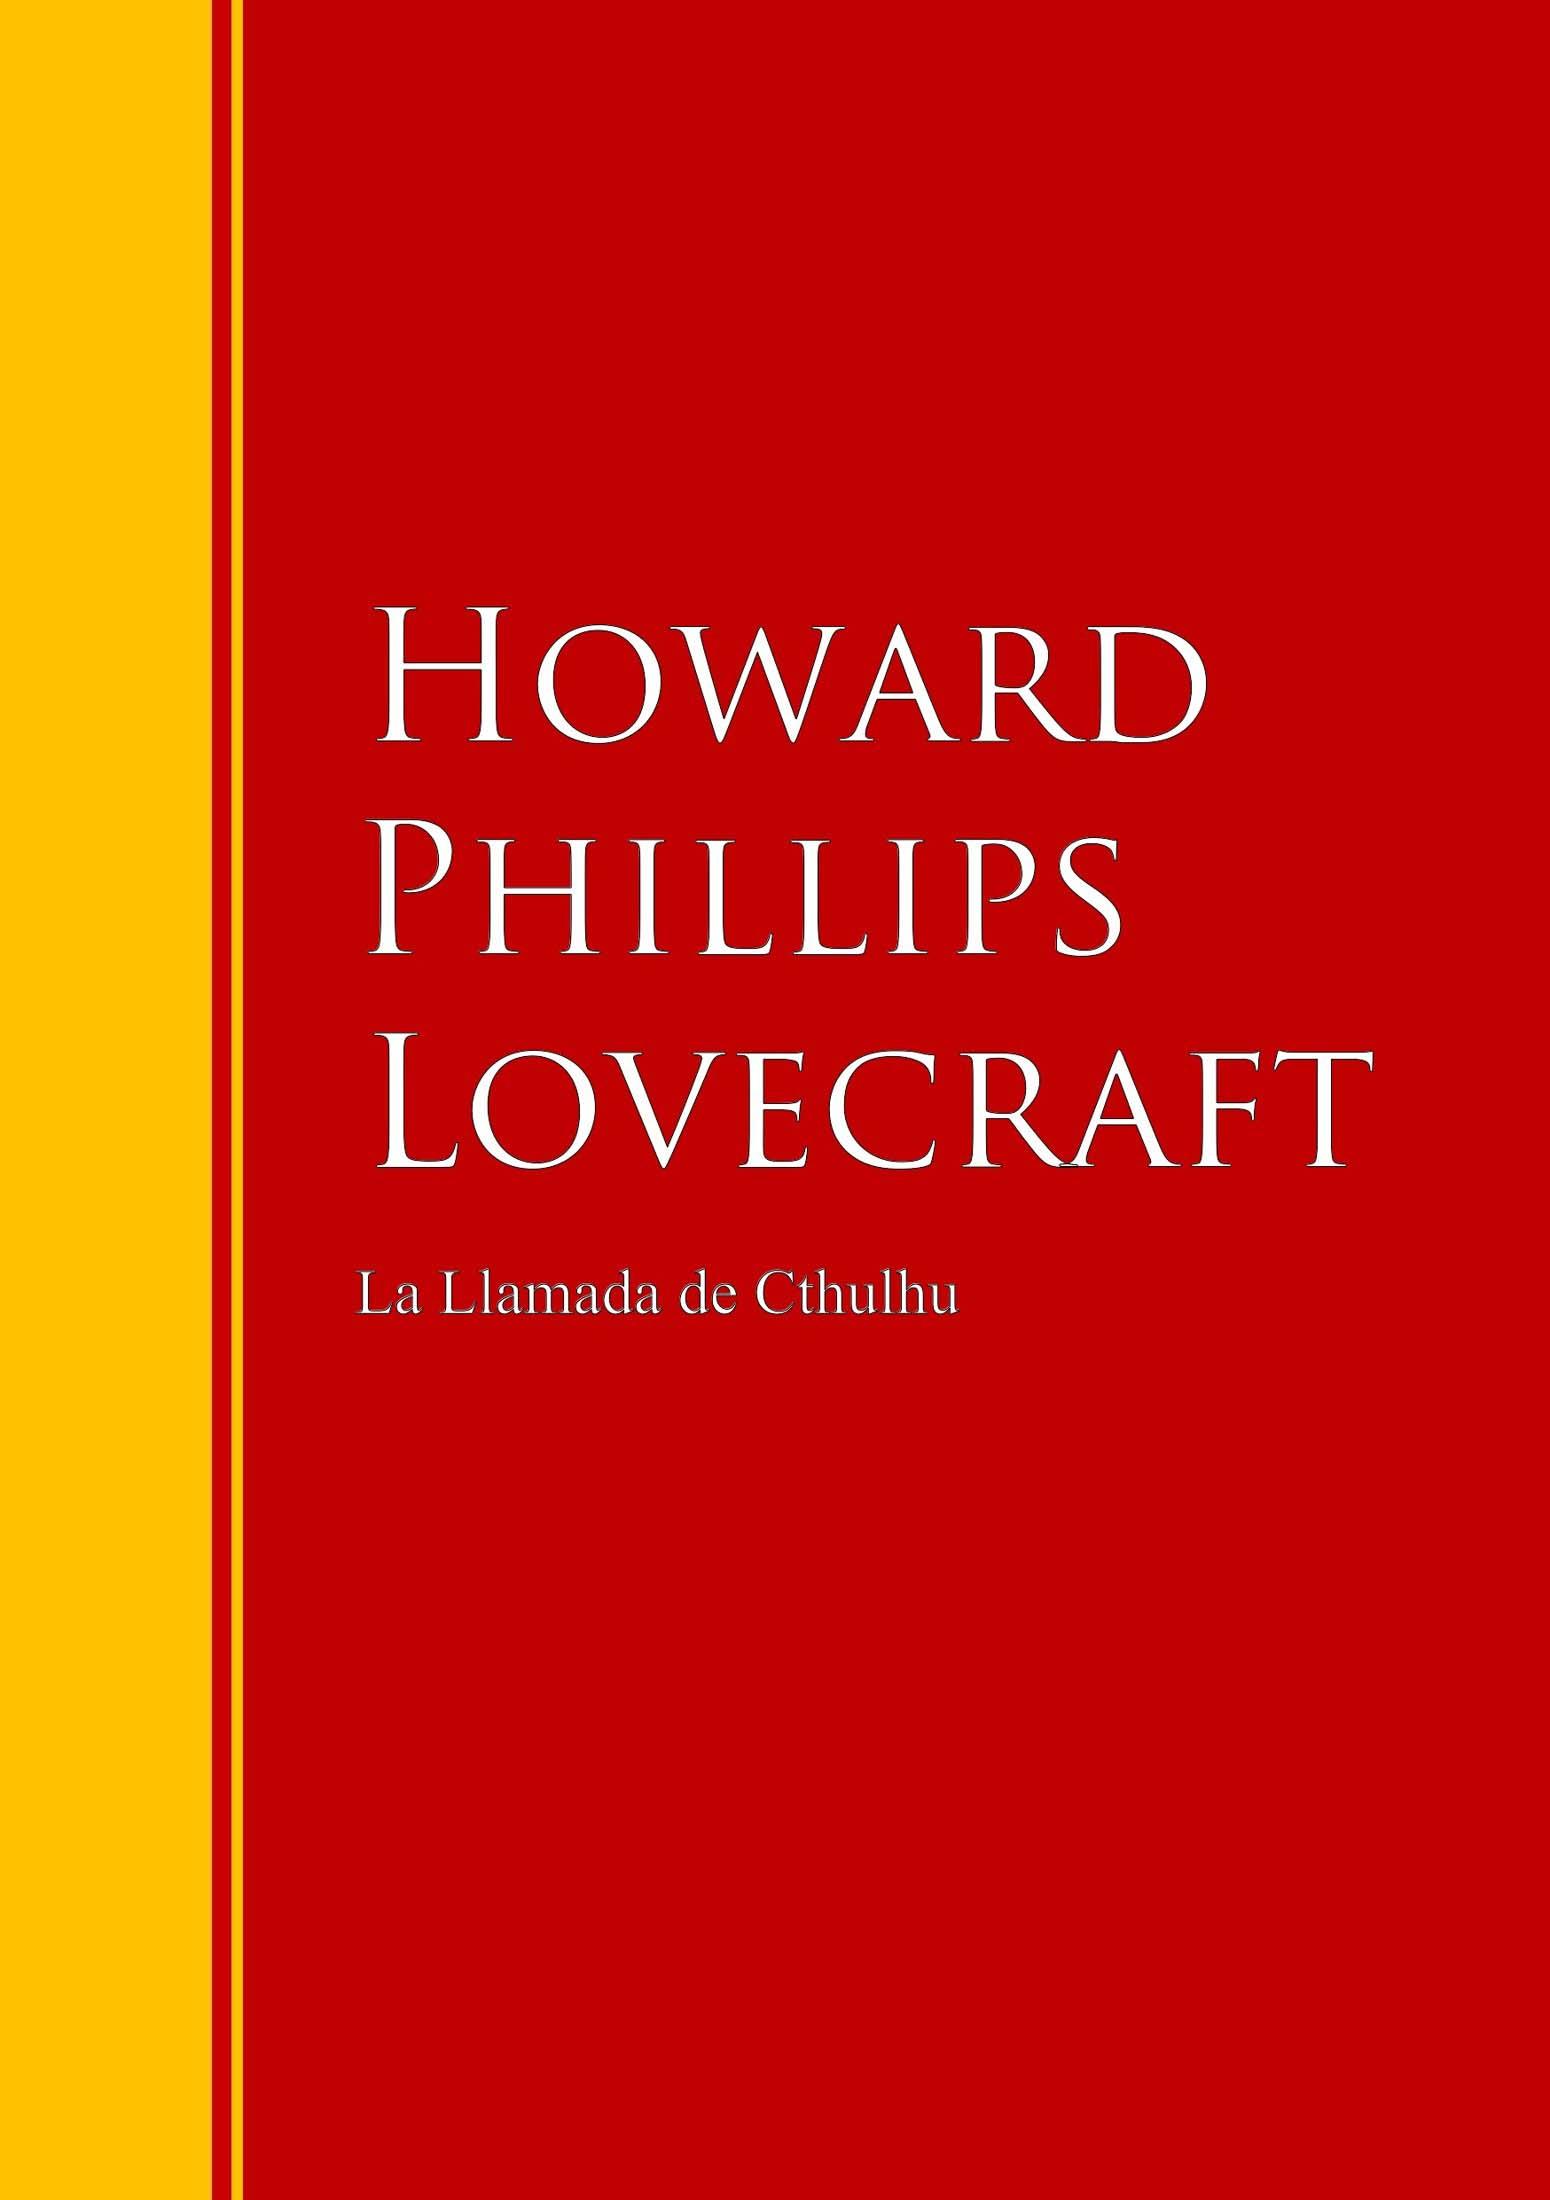 лучшая цена Howard Phillips Lovecraft La Llamada de Cthulhu